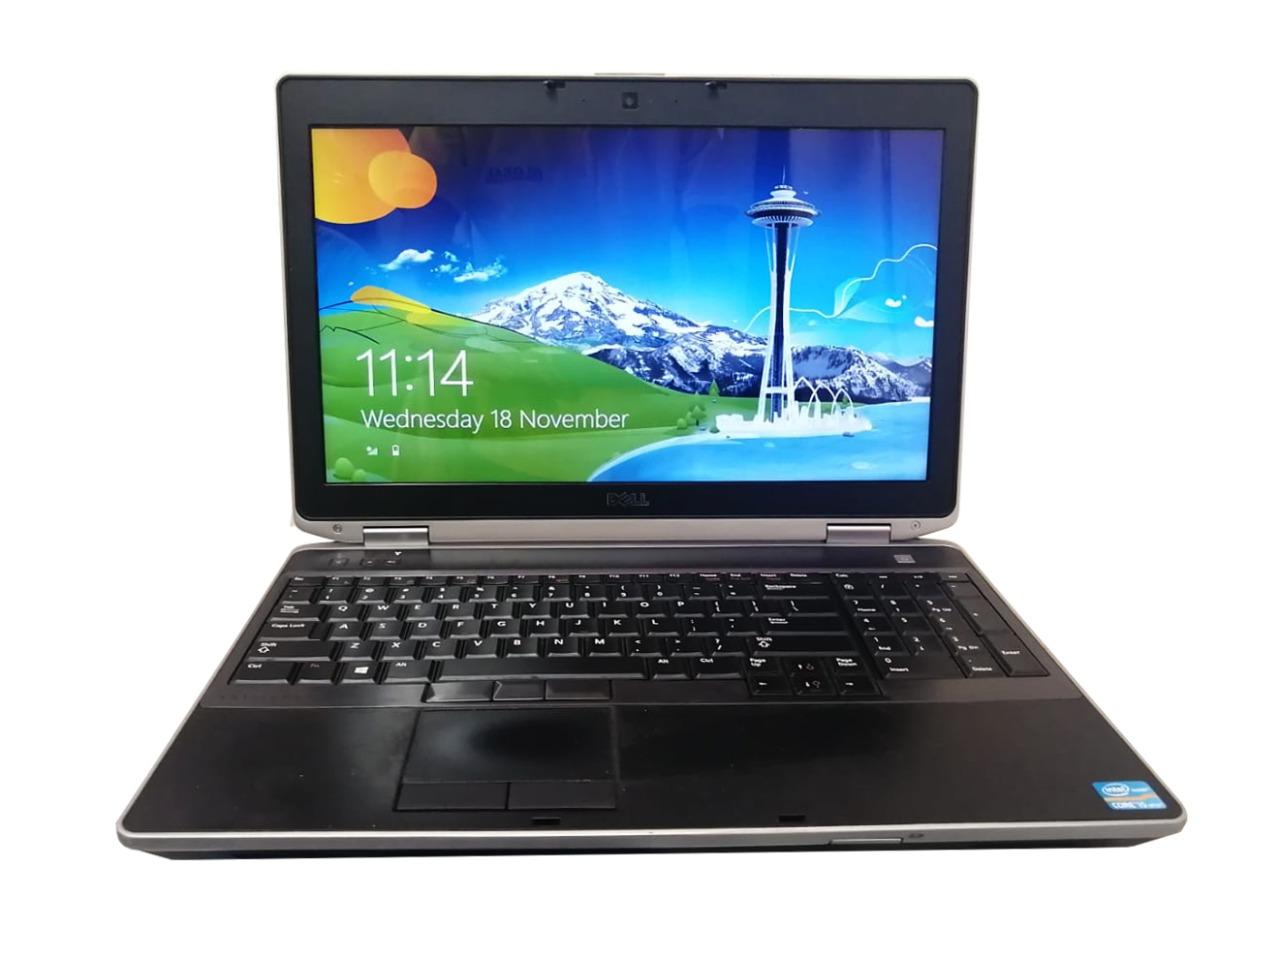 Dell Latitude E6530 Laptop for Sale!